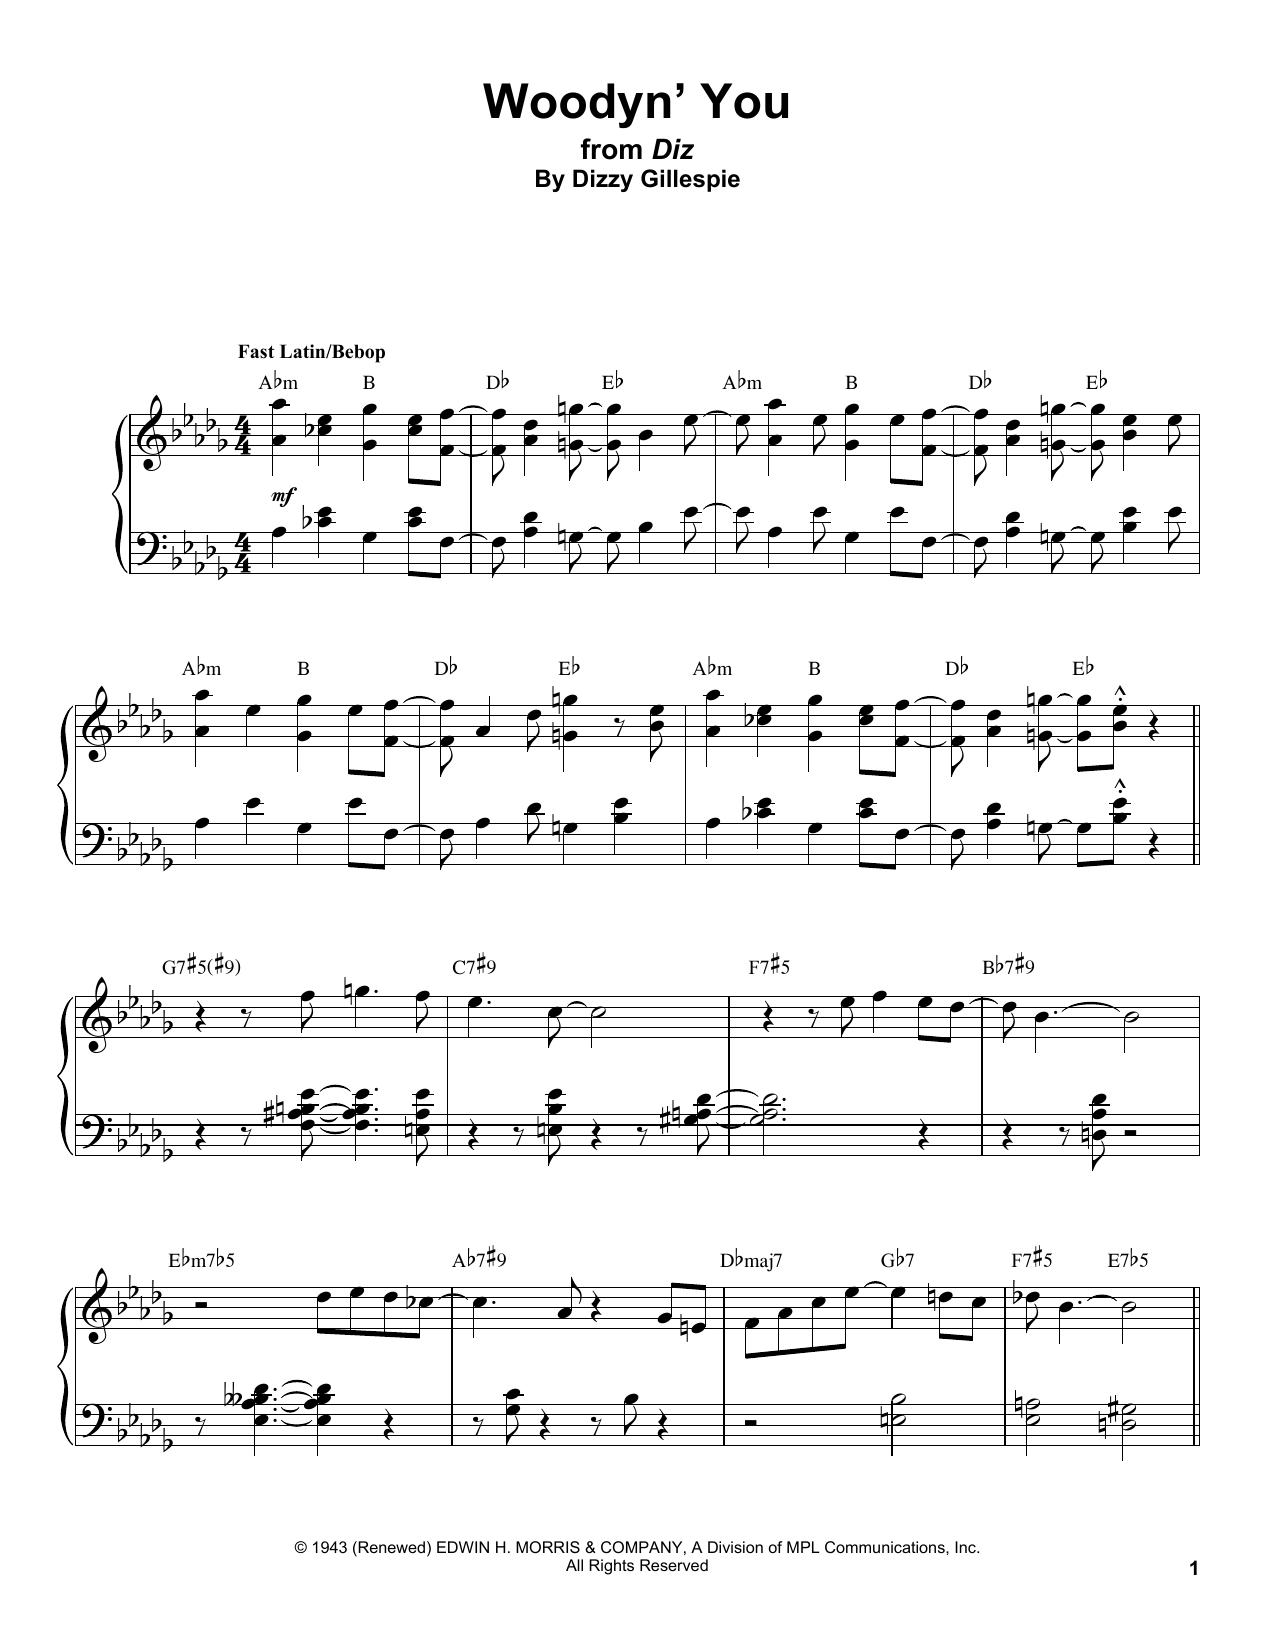 Woodyn' You Sheet Music